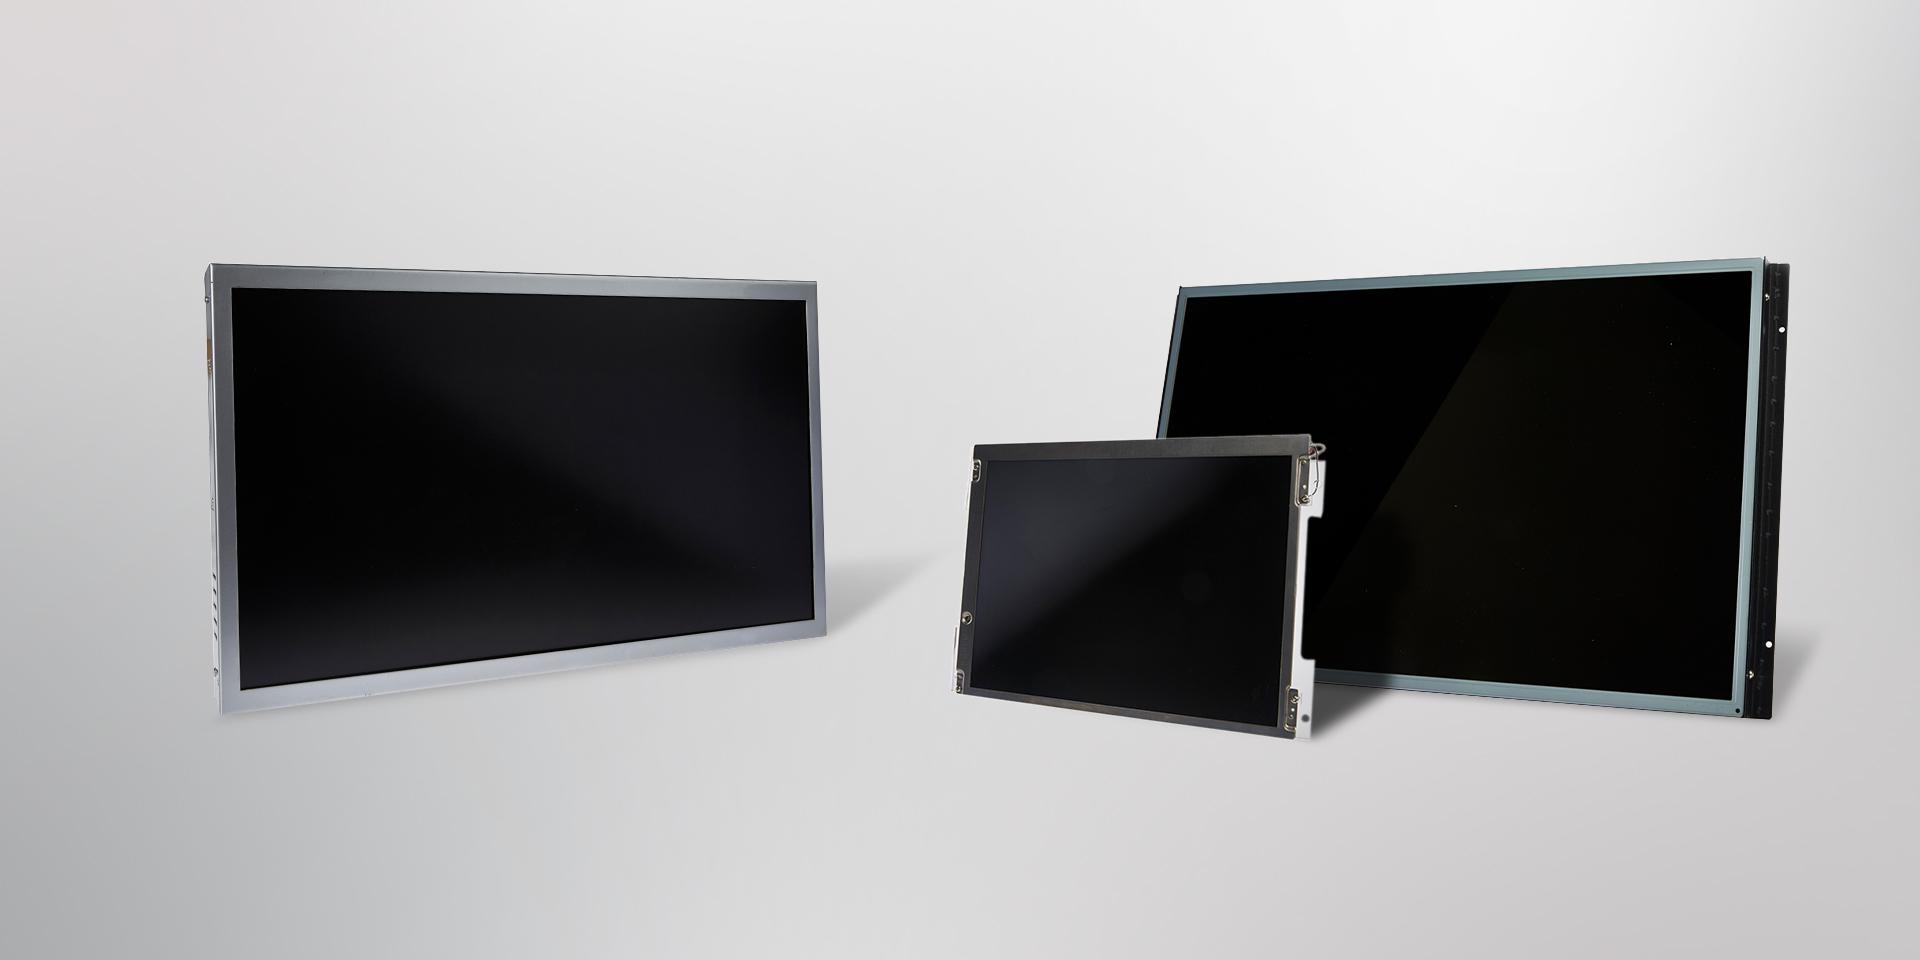 Individuelle Screens - Zweyloeven Werbeproduktion GmbH